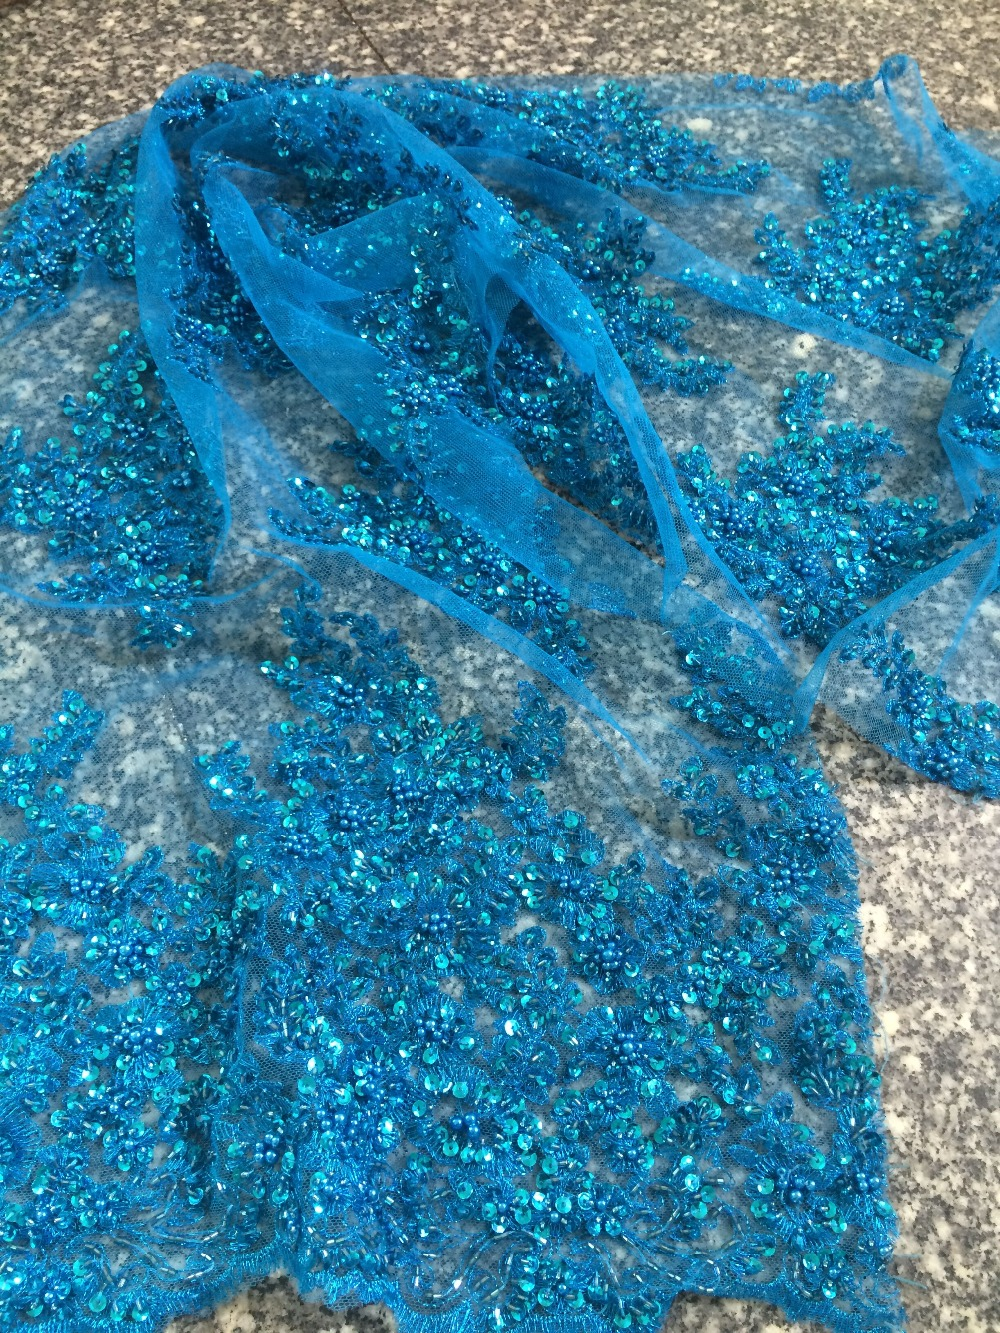 Tissu de dentelle africaine de luxe Z-han32126 avec perles de verre joli français Guipure tulle dentelle tissu de haute qualité - 2